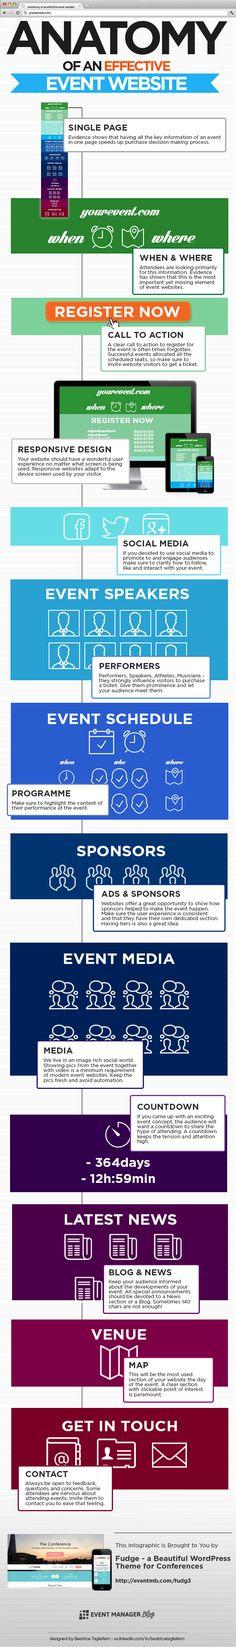 The belangrijkse elementen van een moderne #evenement website